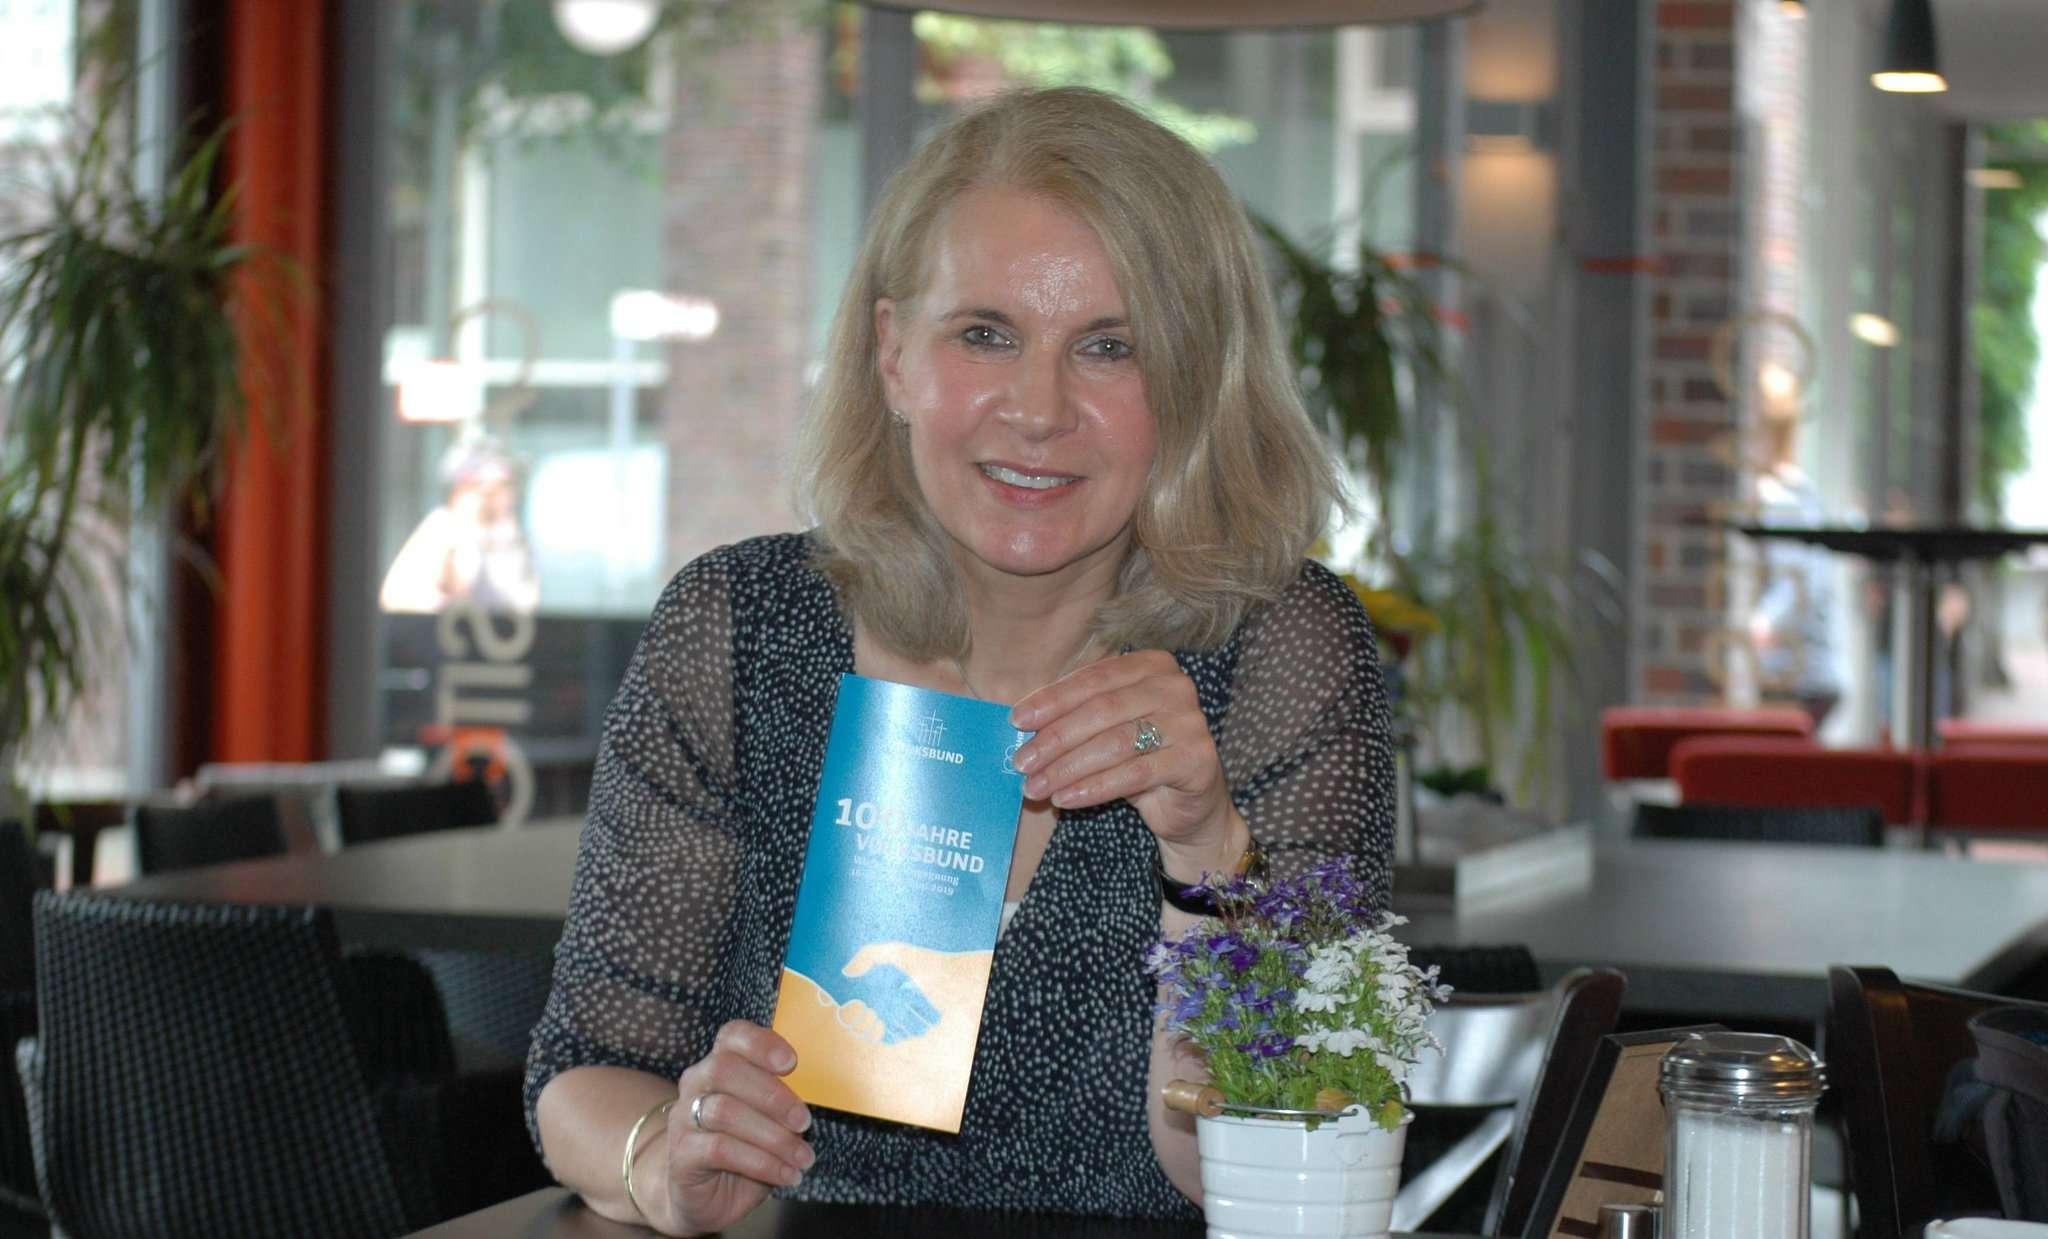 100 Jahre Volksbund - für Elke Twesten ein Grund zum Feiern, und um alte Strukturen neu zu denken. Foto: Jens Lou00ebs